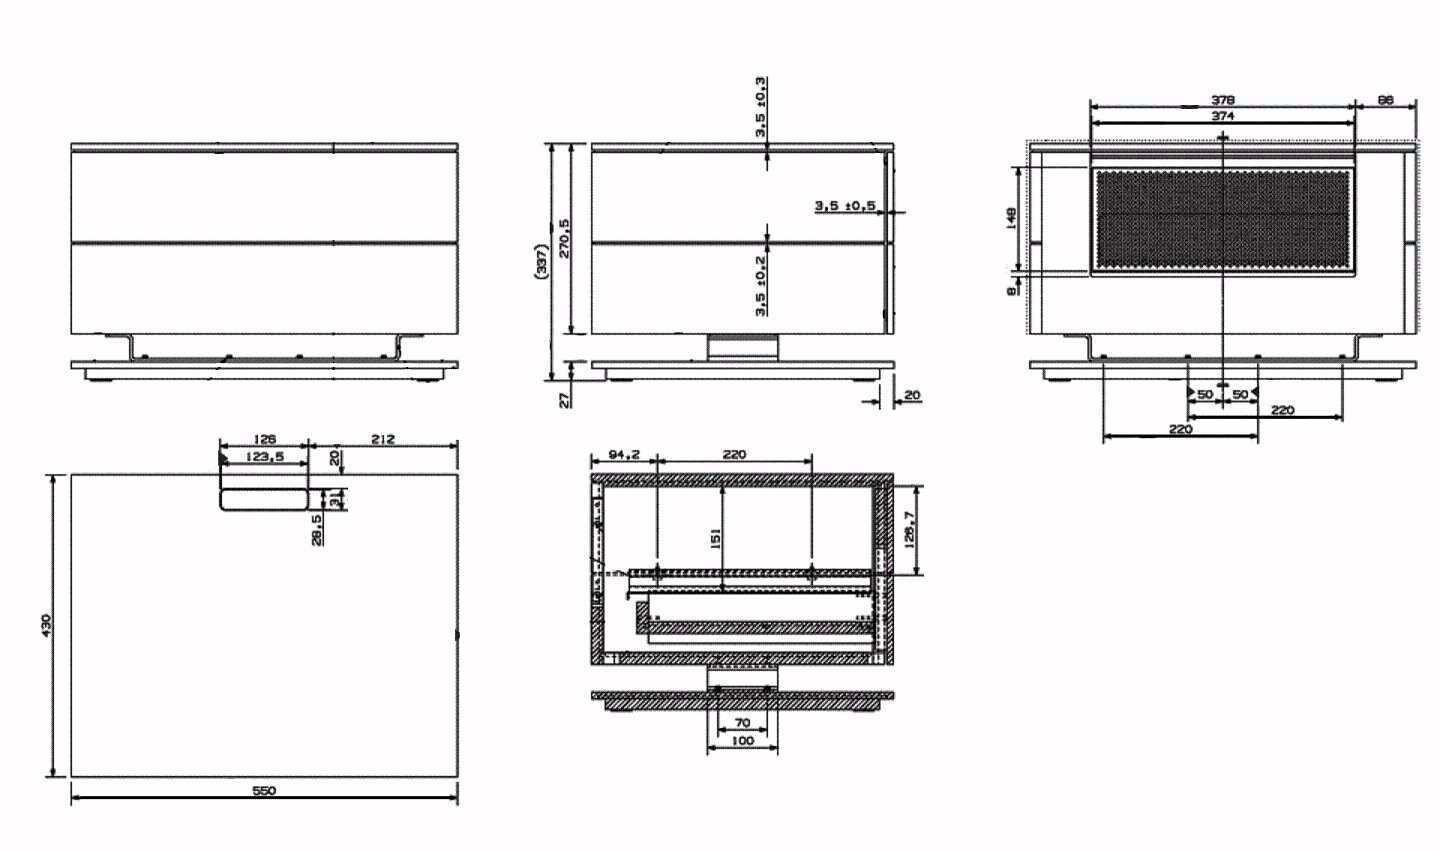 loewe cube r reference. Black Bedroom Furniture Sets. Home Design Ideas